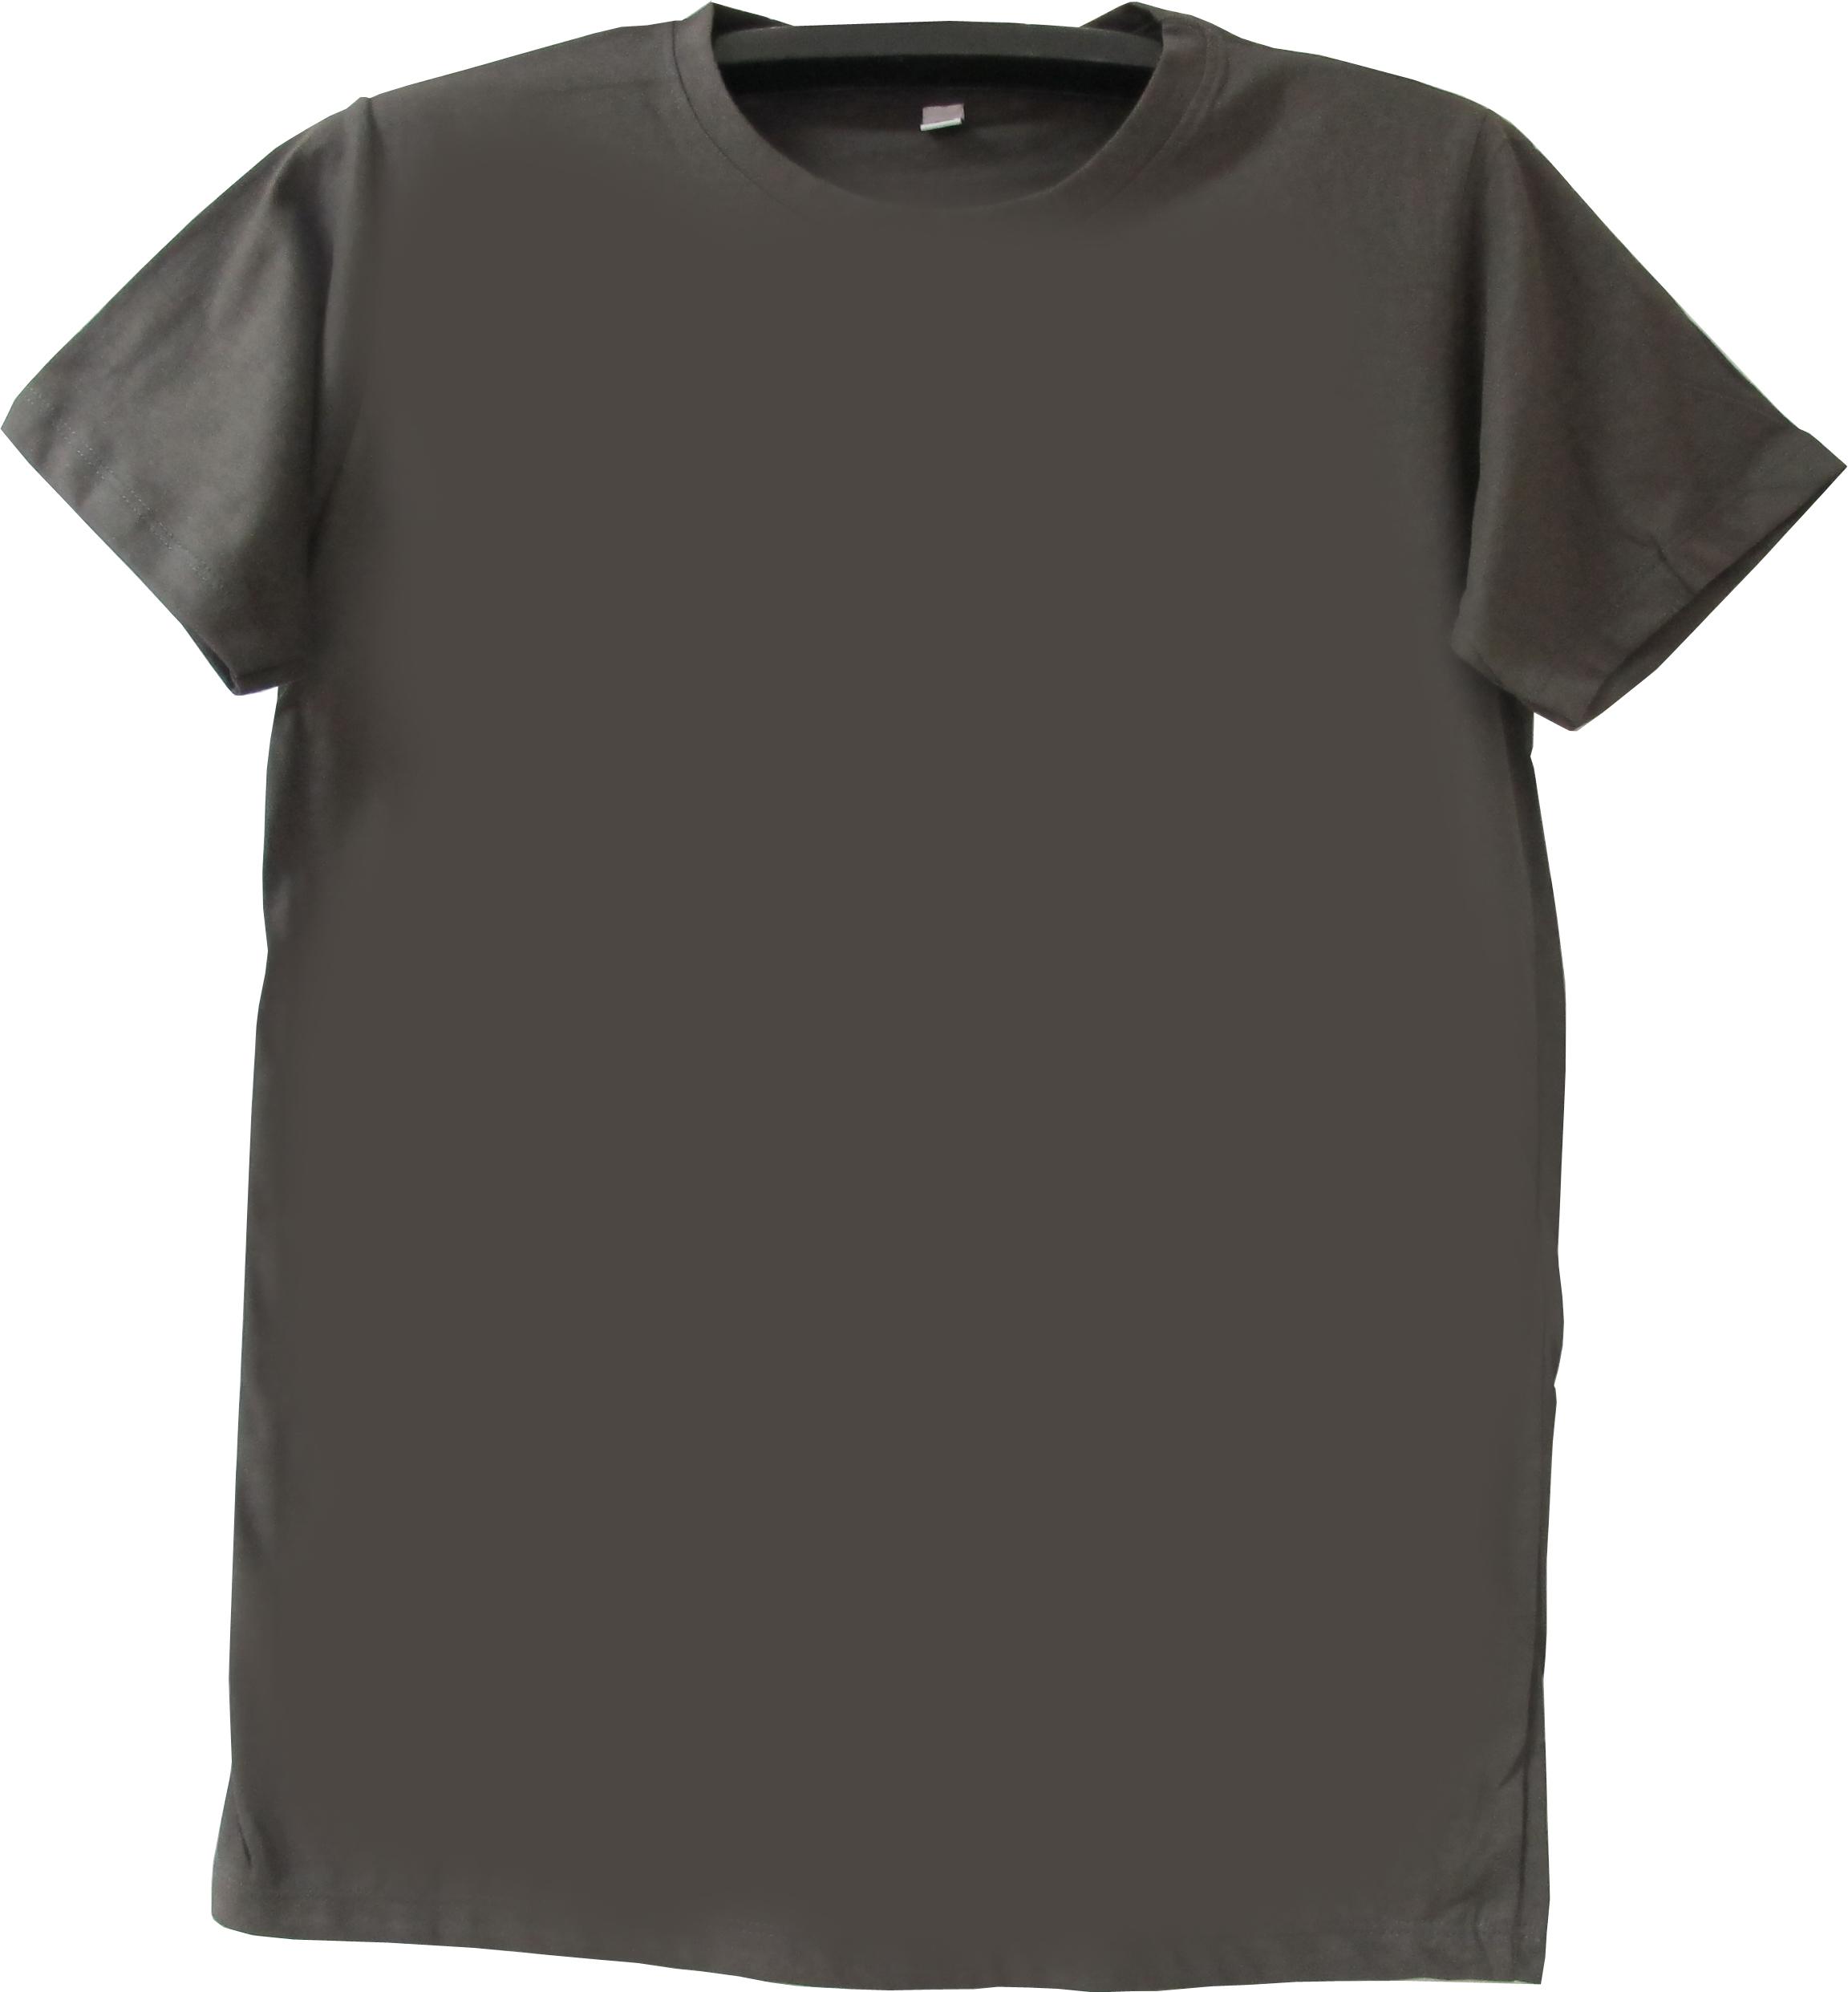 COTTON100% เบอร์32 เสื้อยืดแขนสั้น คอกลม สีเทาดำ